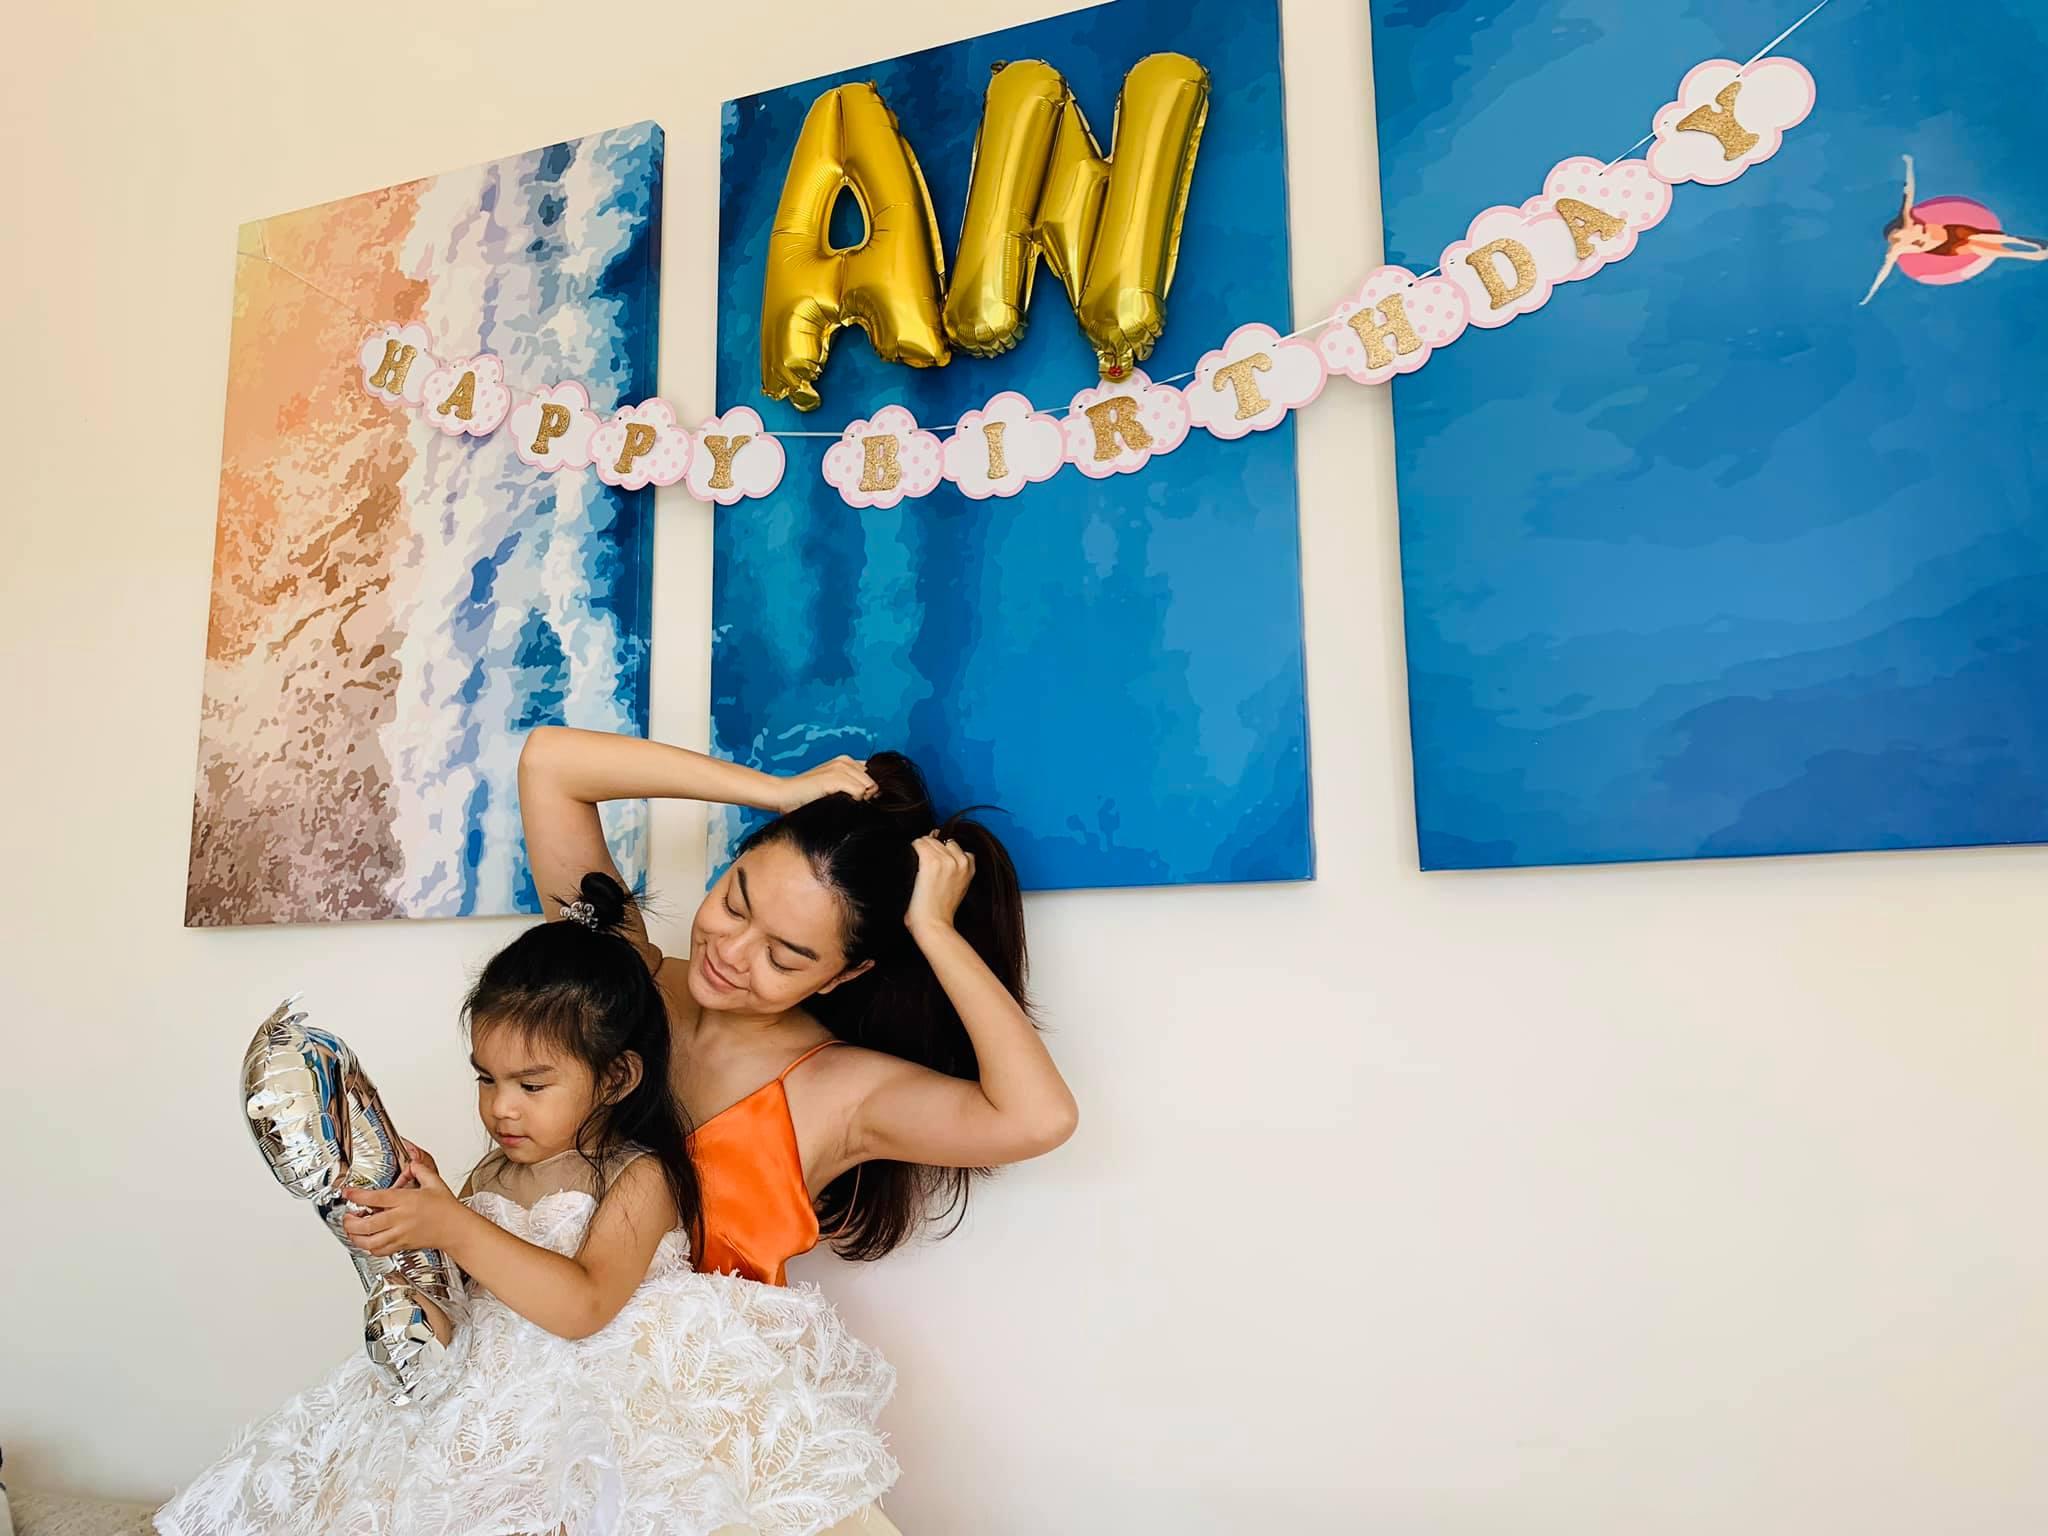 """Vì dịch bệnh đang hoành hành nên nữ ca sĩ chỉ tổ chức tiệc mừng tại nhà. Giọng ca """"Bụi bay vào mắt""""diện đầm hai dây màu cam, chụp hình cùng con."""